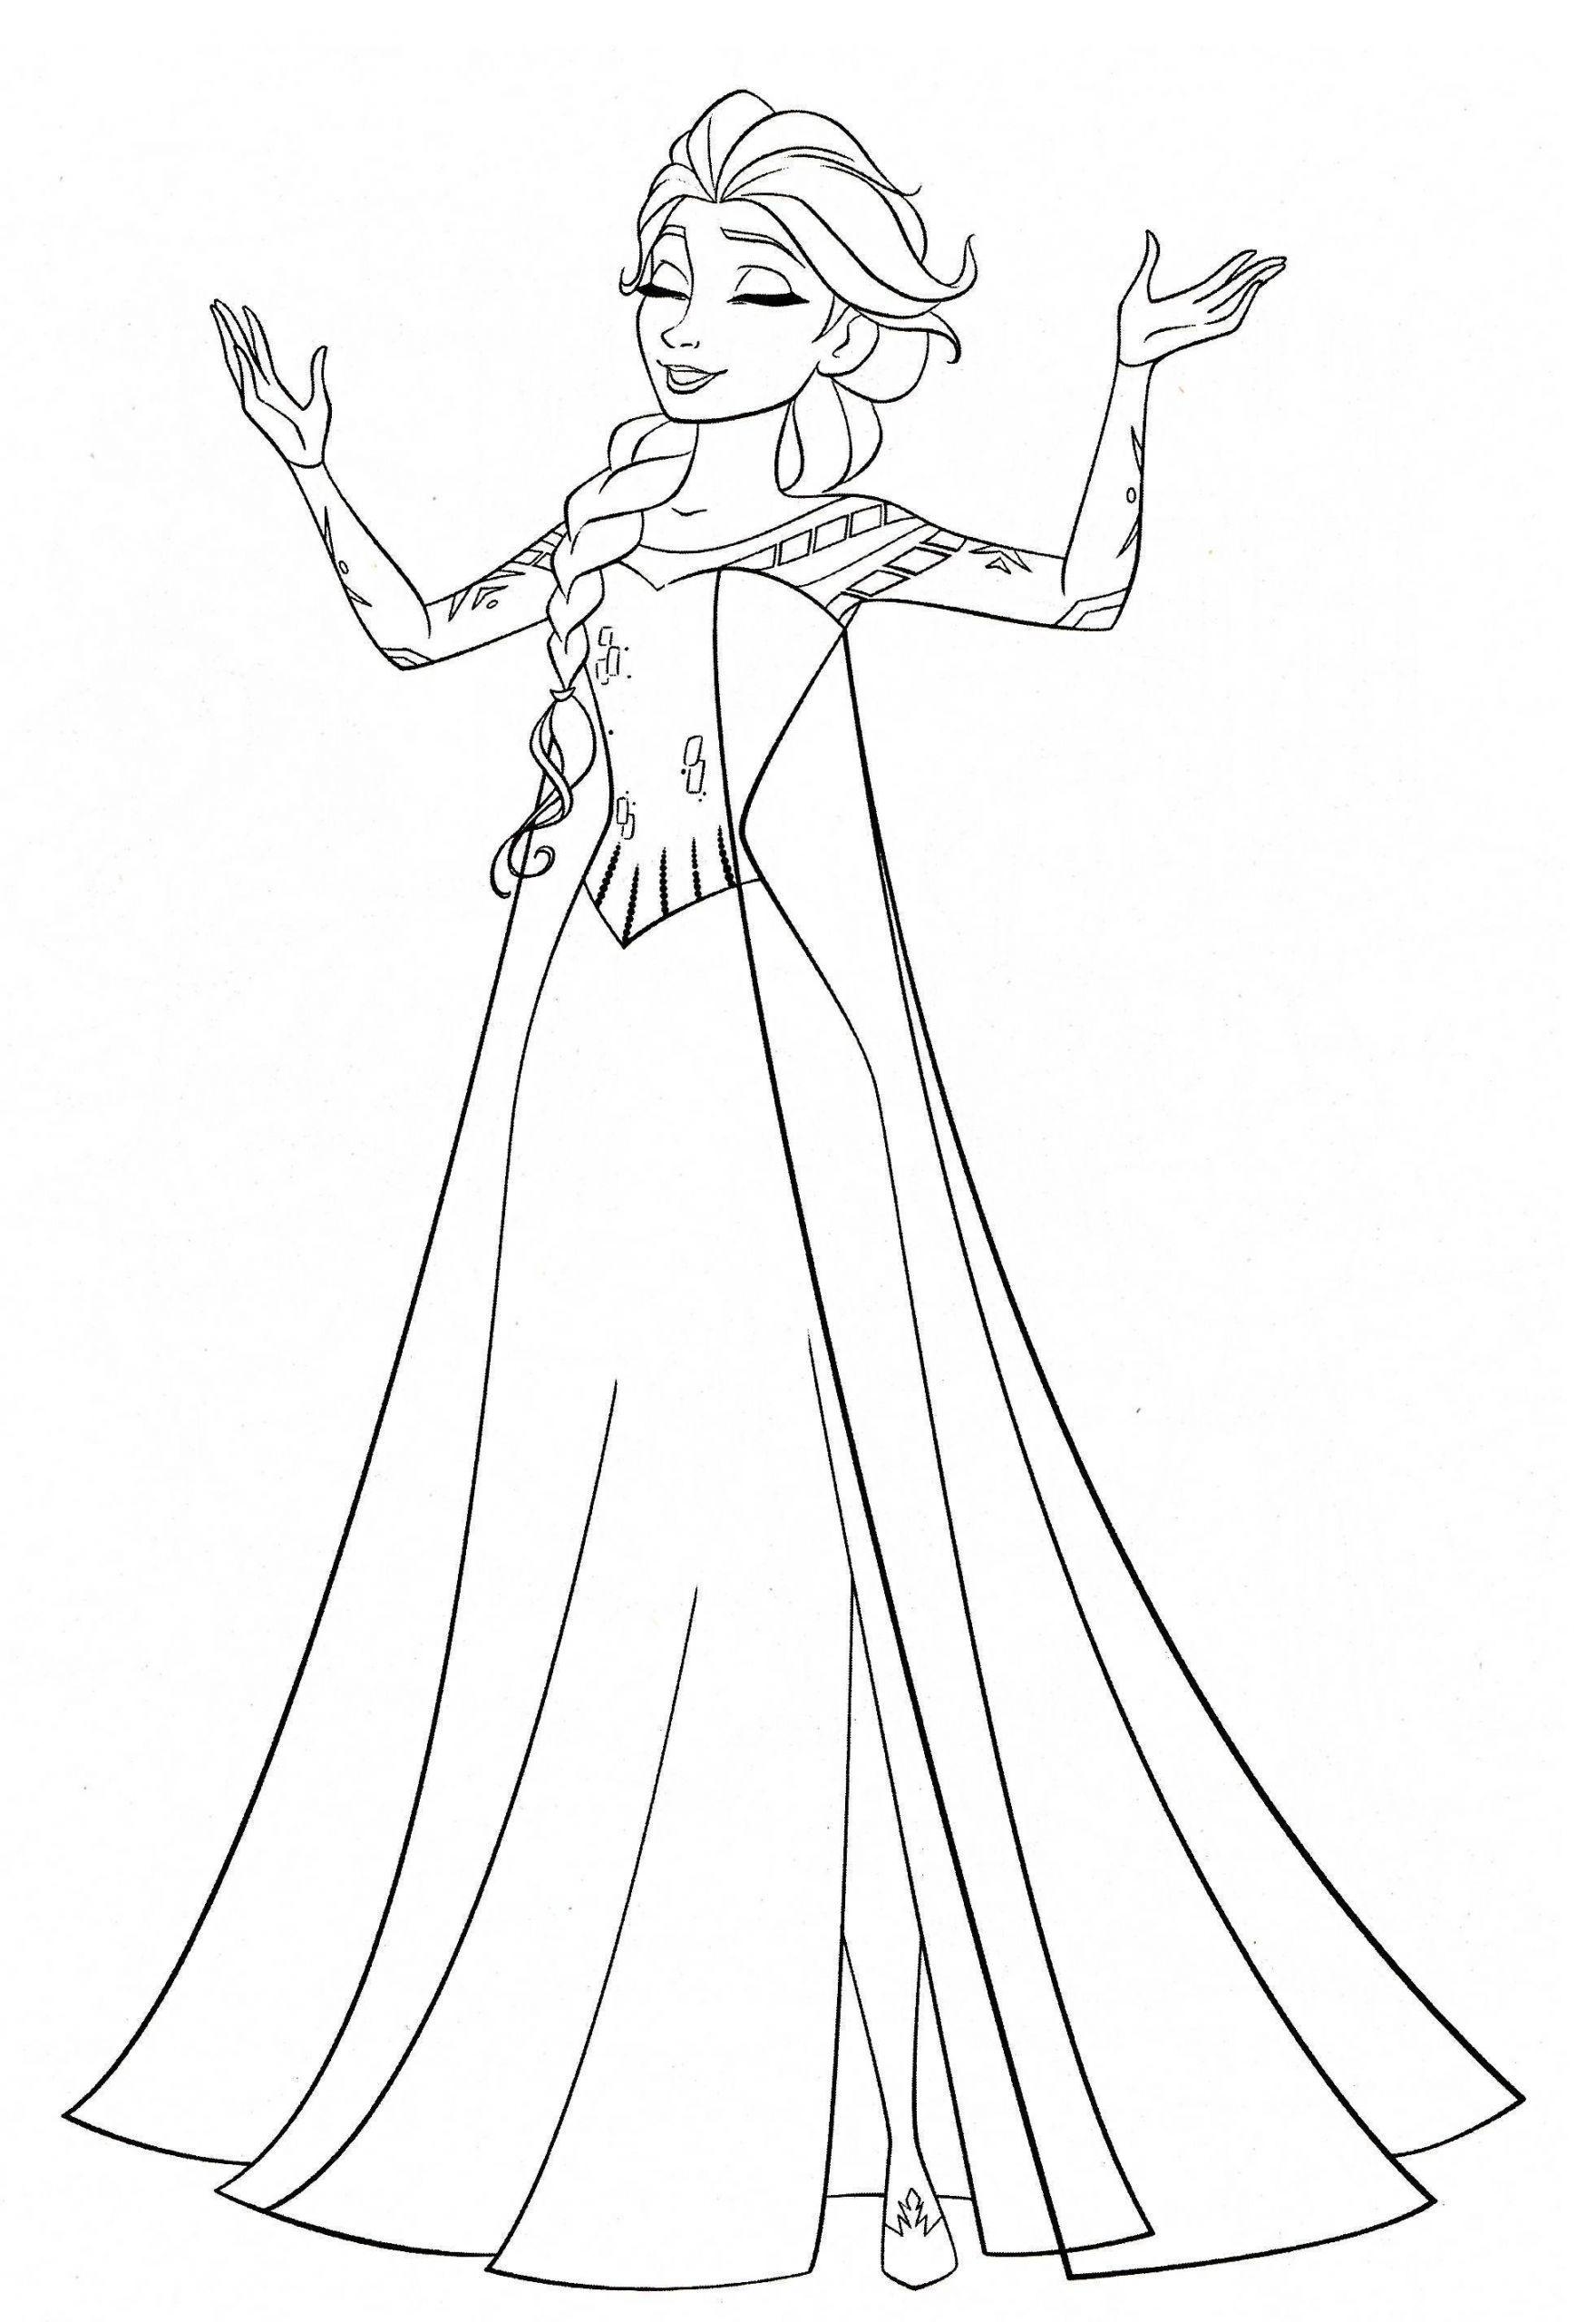 Die Besten Von Ausmalbilder Elsa Ausmalbilder Von Elsa Malvorlagen Windowcolor Druckfertig Of Malvorlagen Malvorlagen Eiskonigin Disney Farben